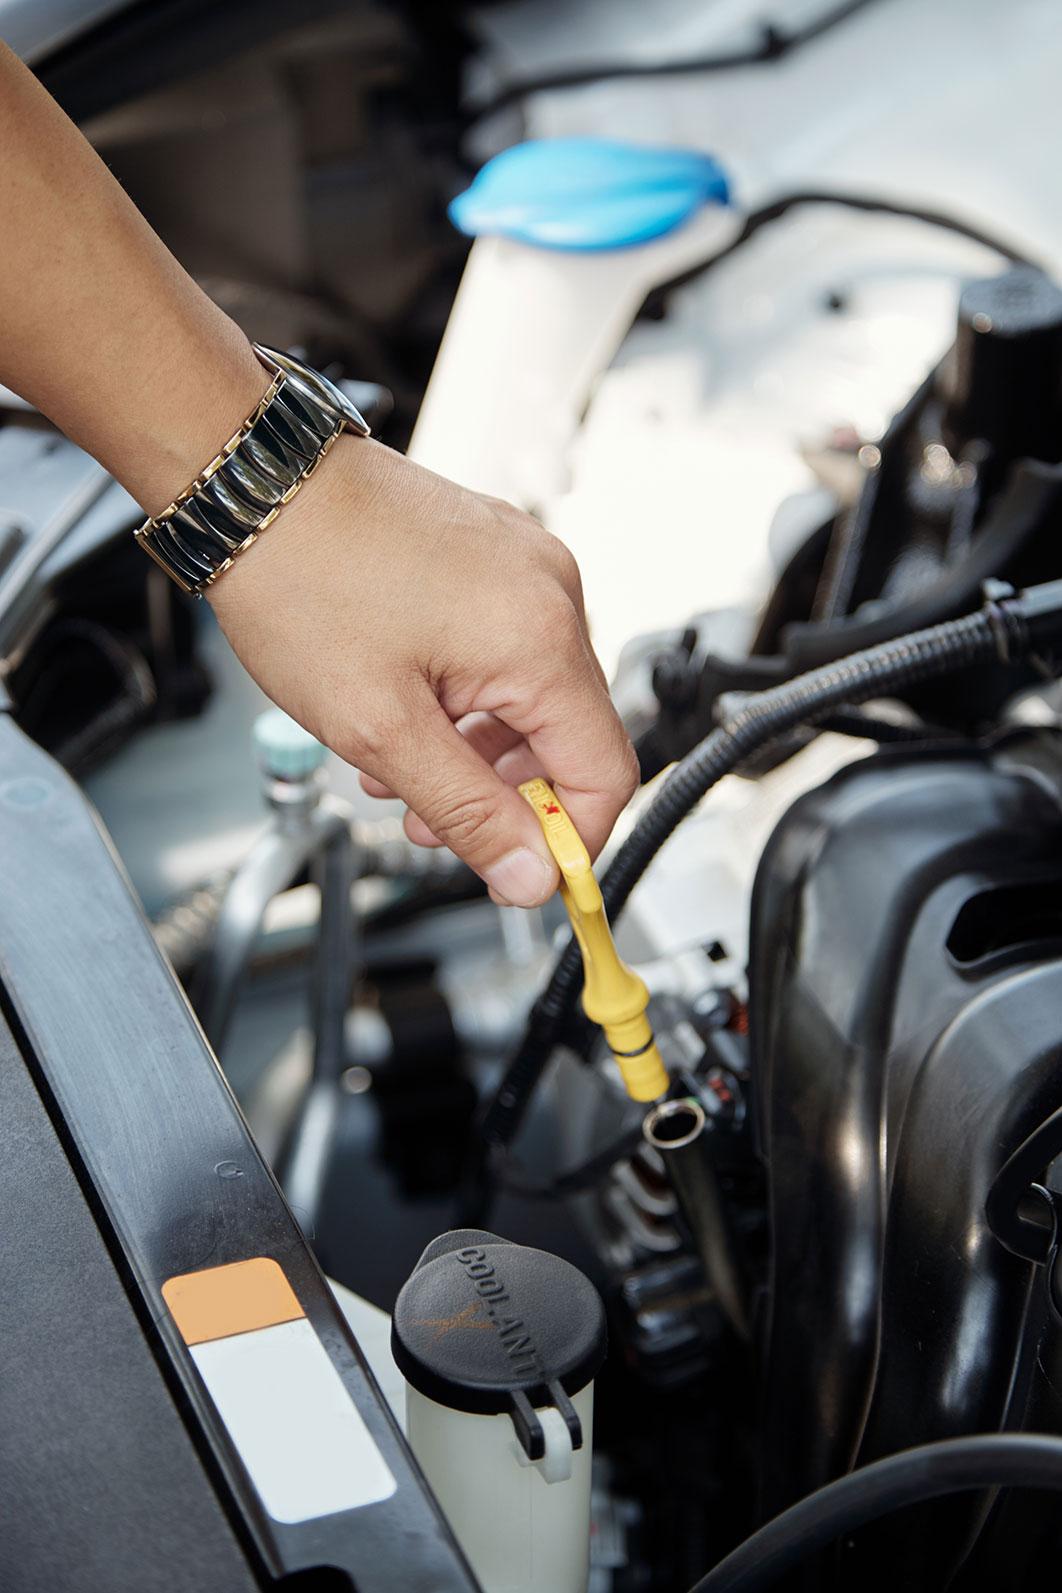 Der Ölstand eines Fahrzeuges wird geprüft.